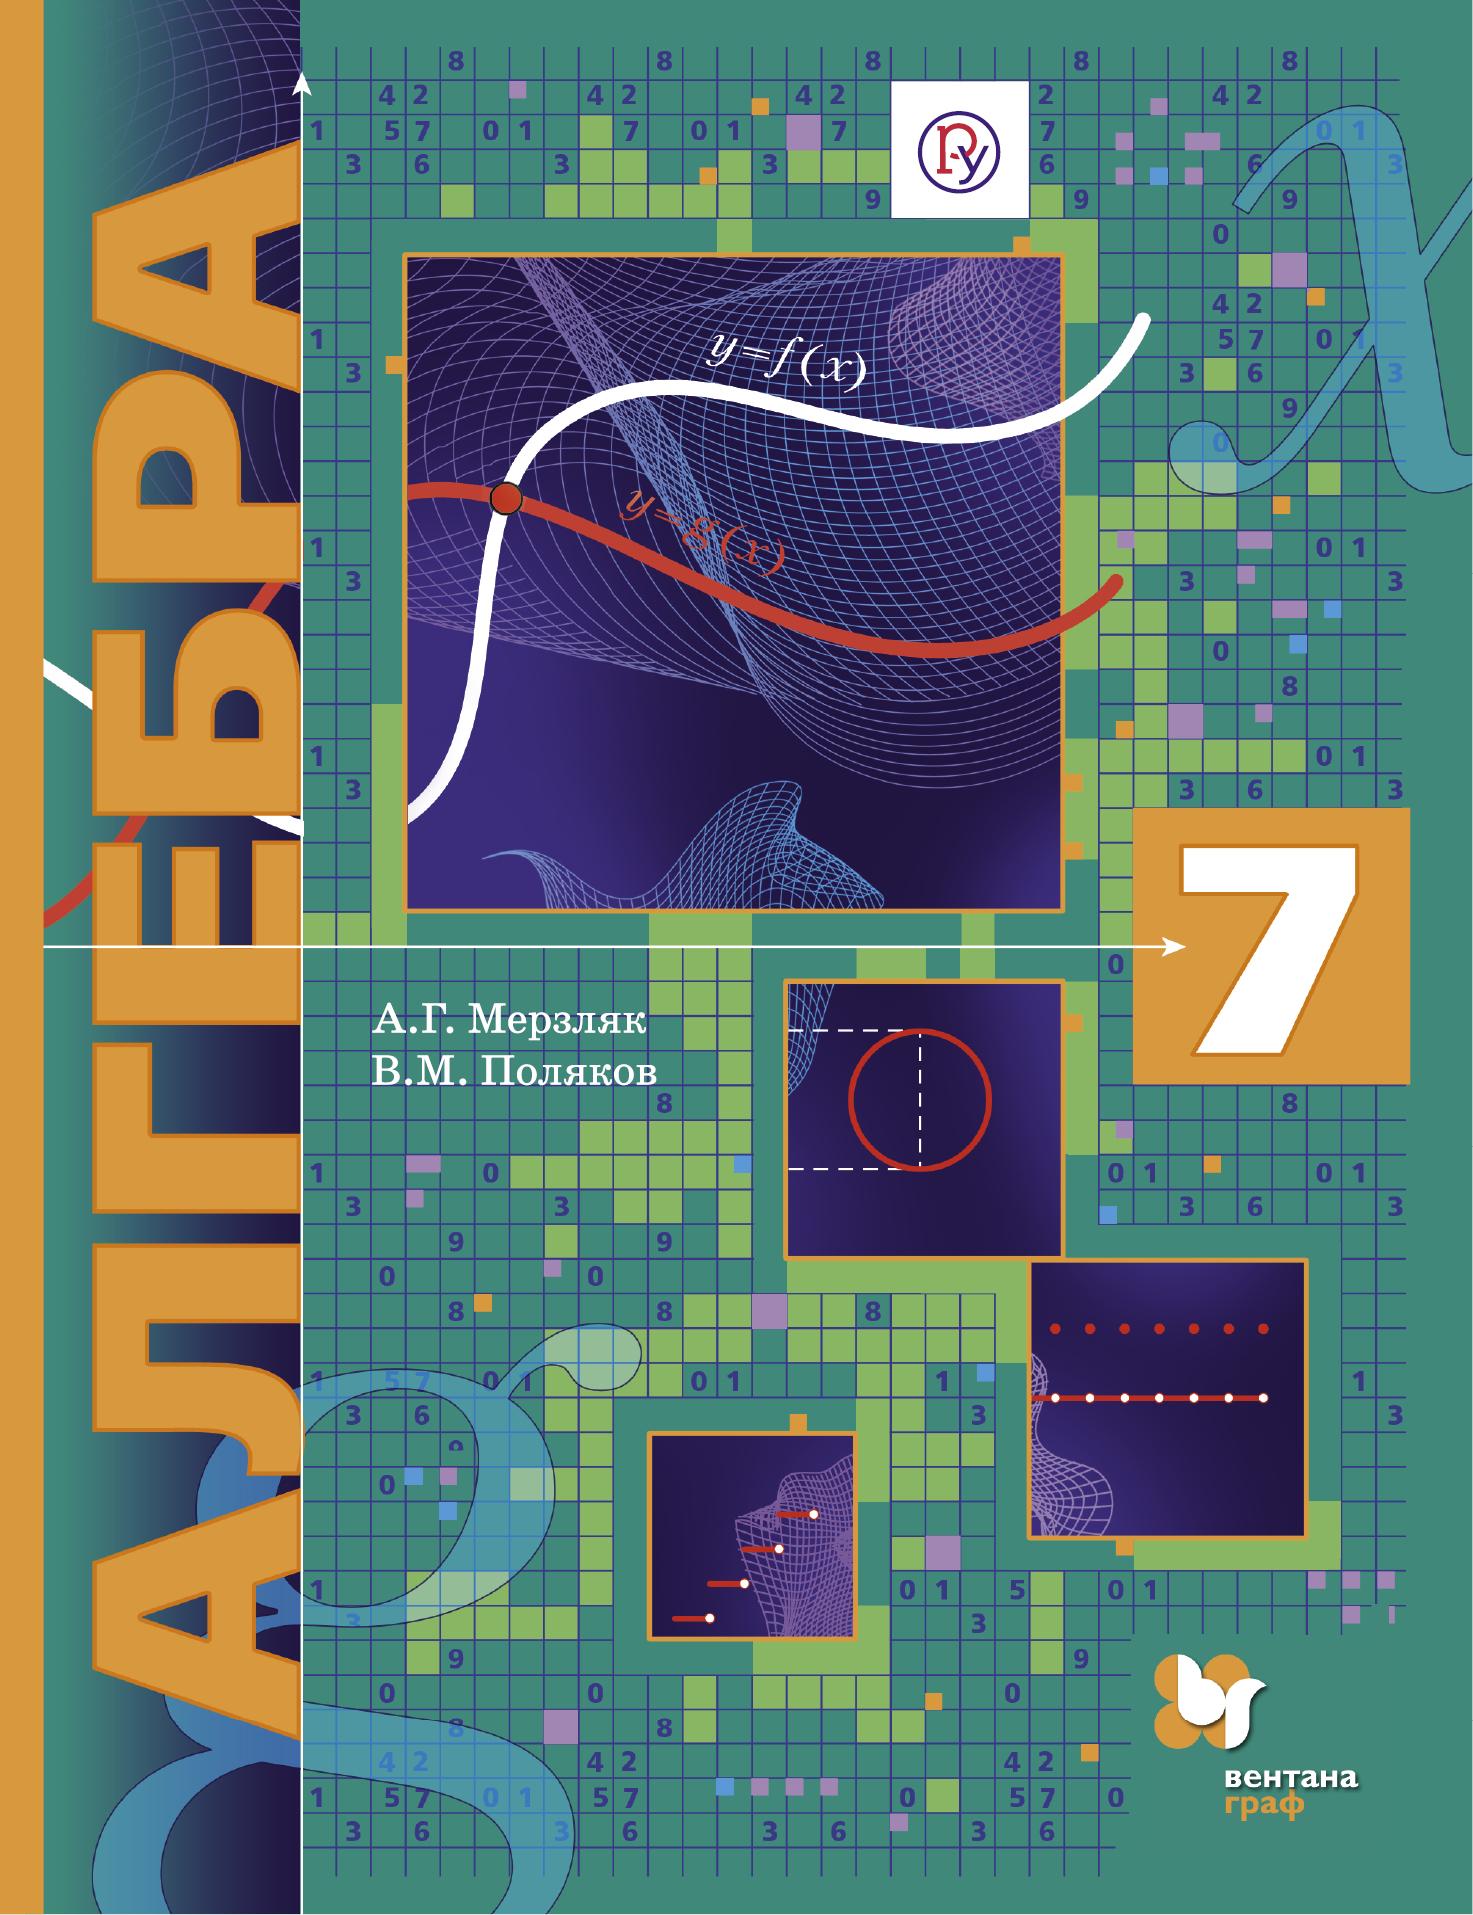 МерзлякА.Г., Поляков В.М. Алгебра (углубленное изучение). 7класс. Учебник.